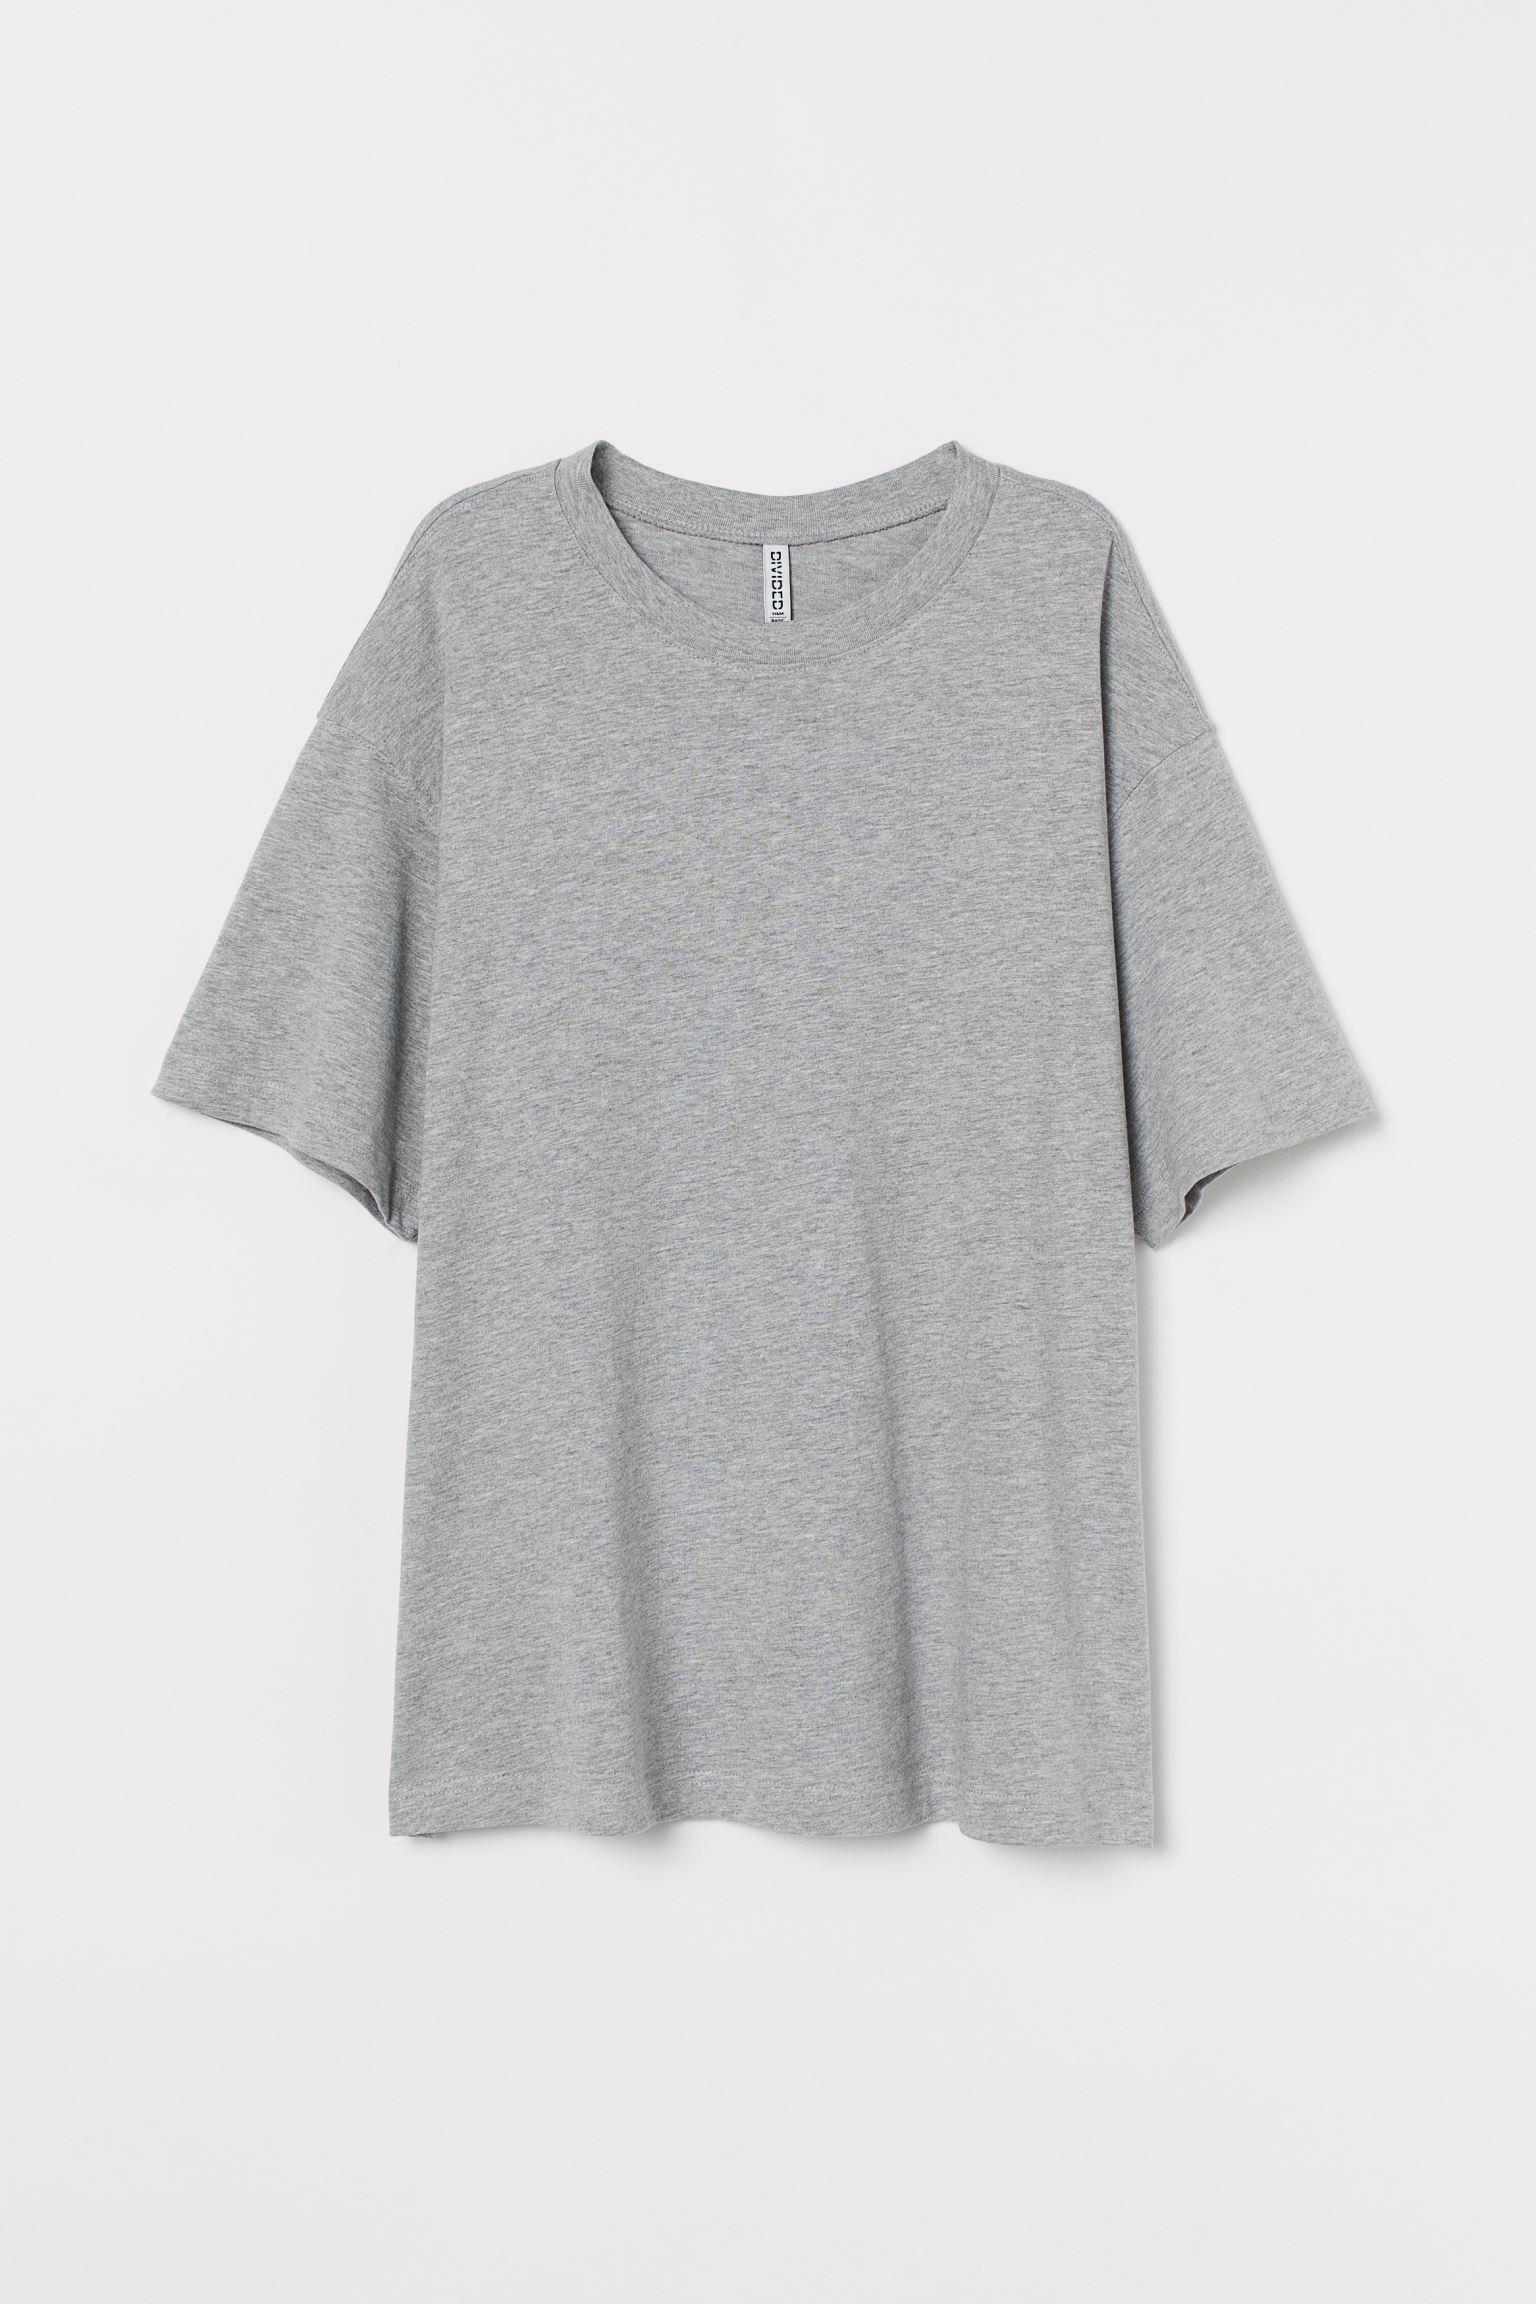 Camiseta amplia de algodón